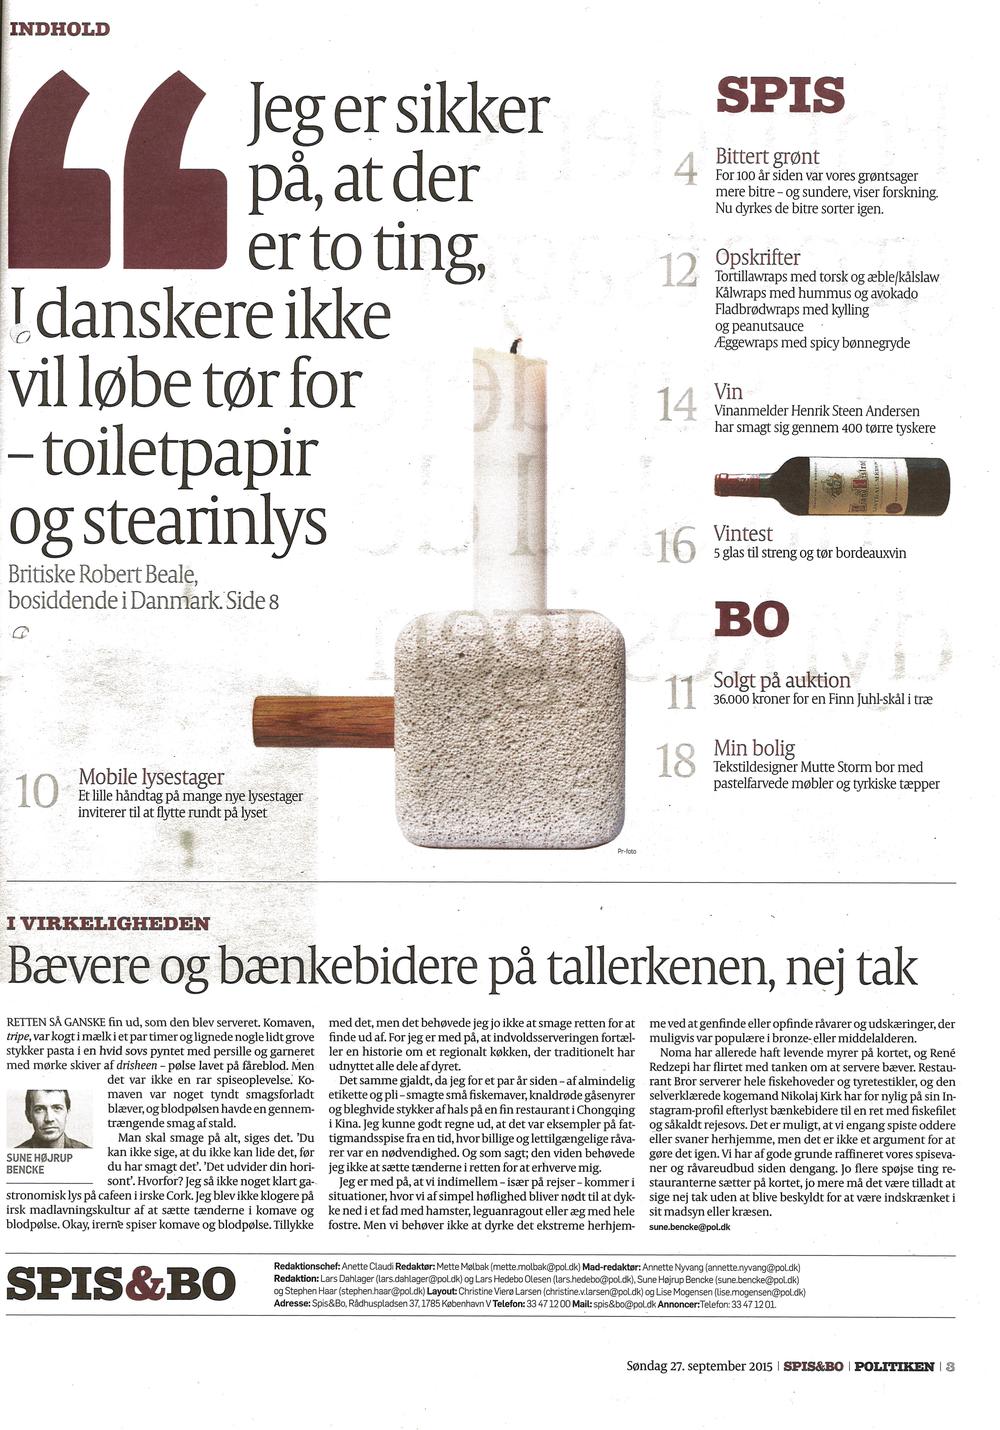 Politiken SPIS&Bo Søndag d. 27.9.15